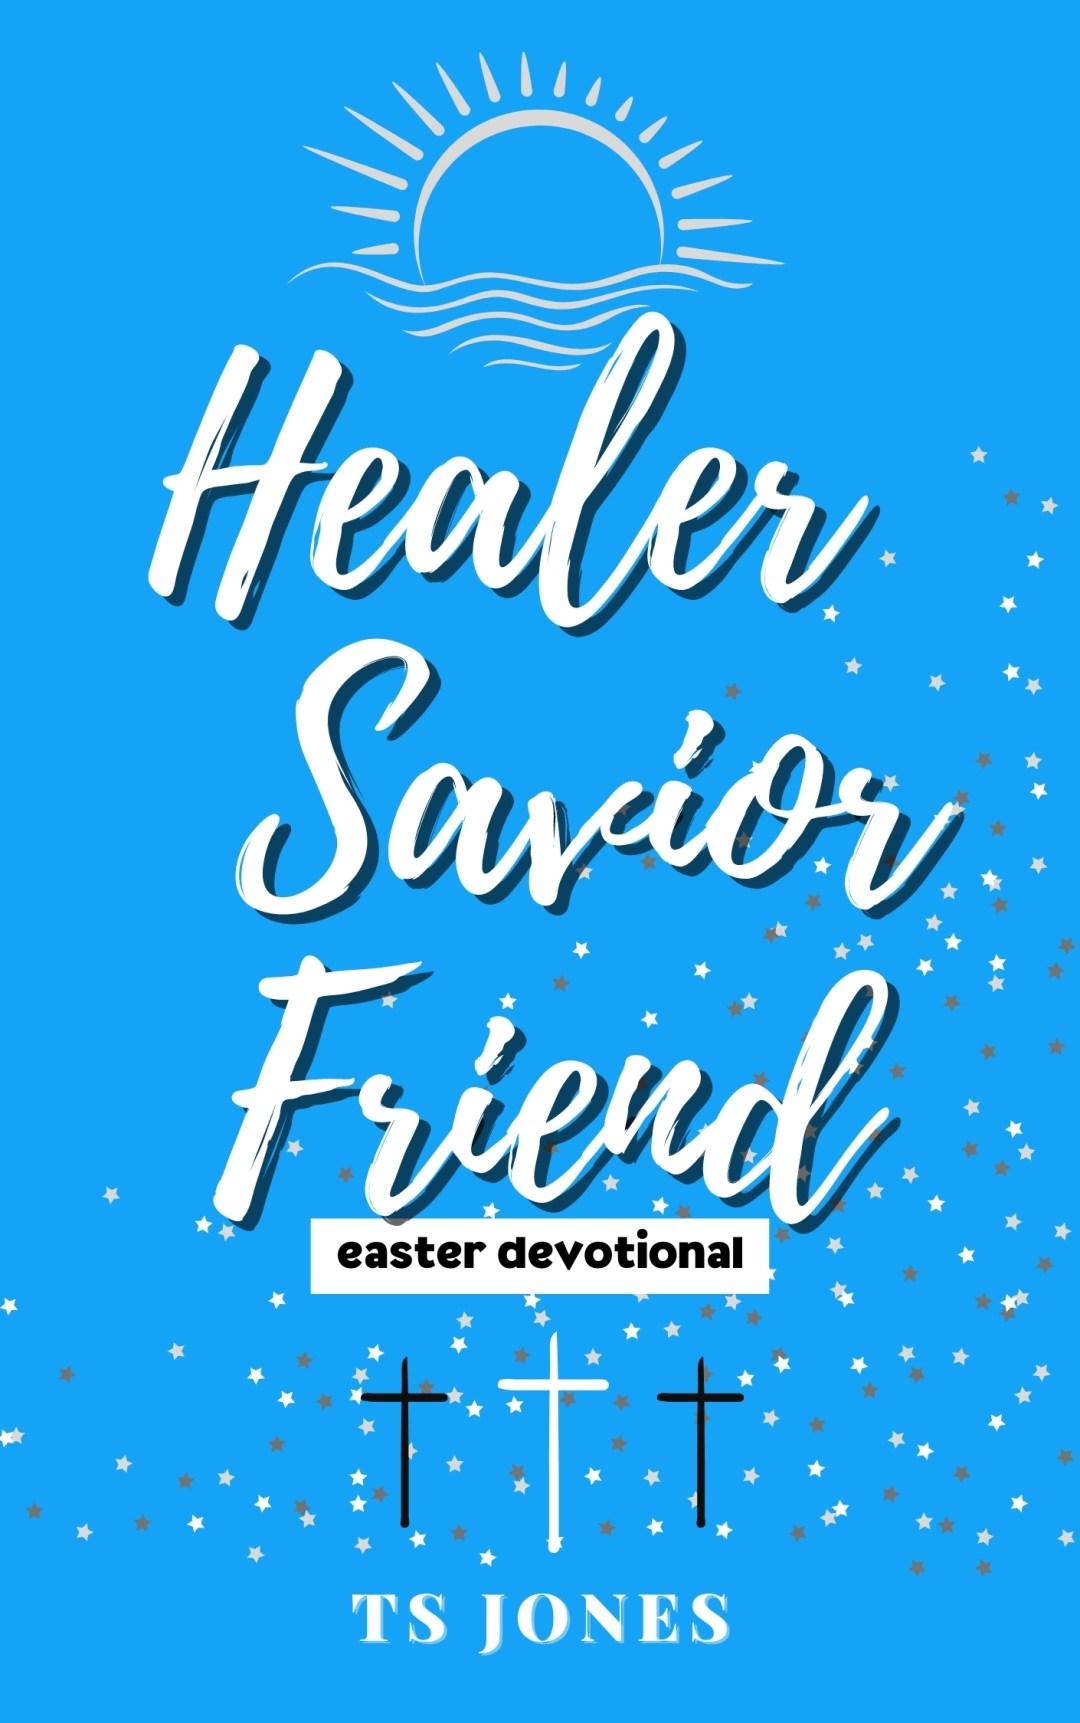 Healer Savior Friend